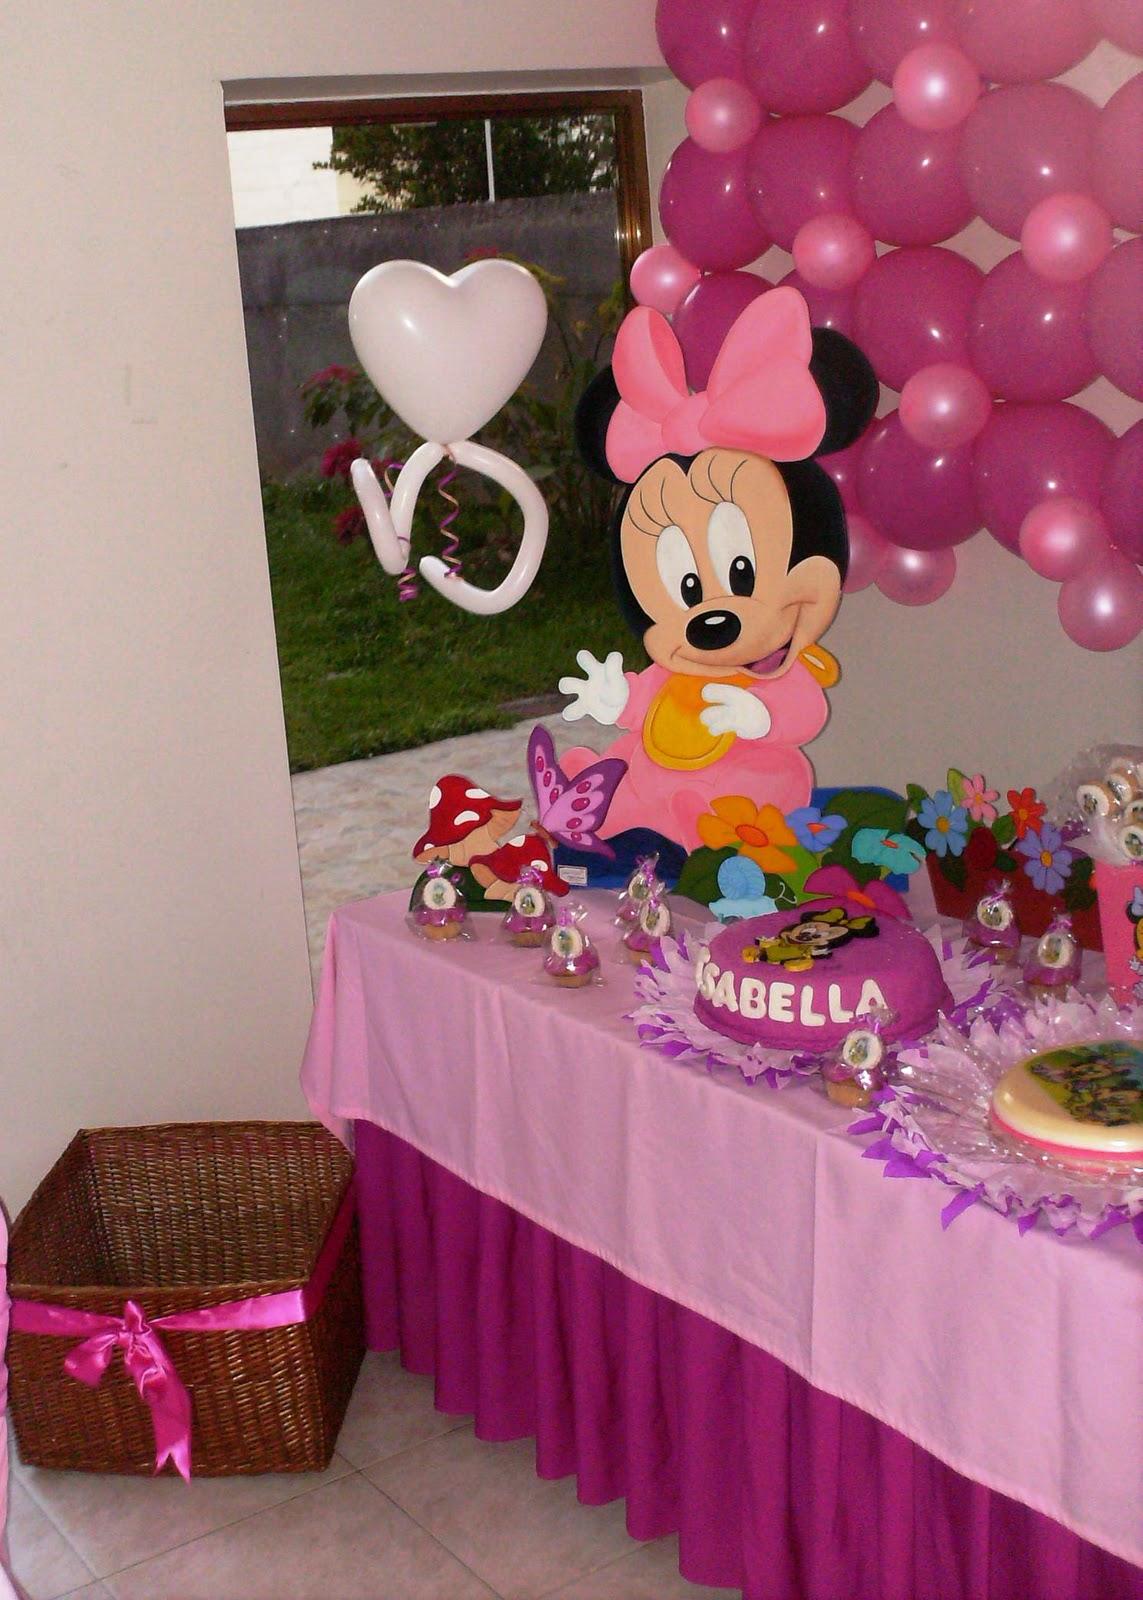 Creaciones ramsesa decoraciones fiestas infantiles - Imagenes decoracion fiestas infantiles ...